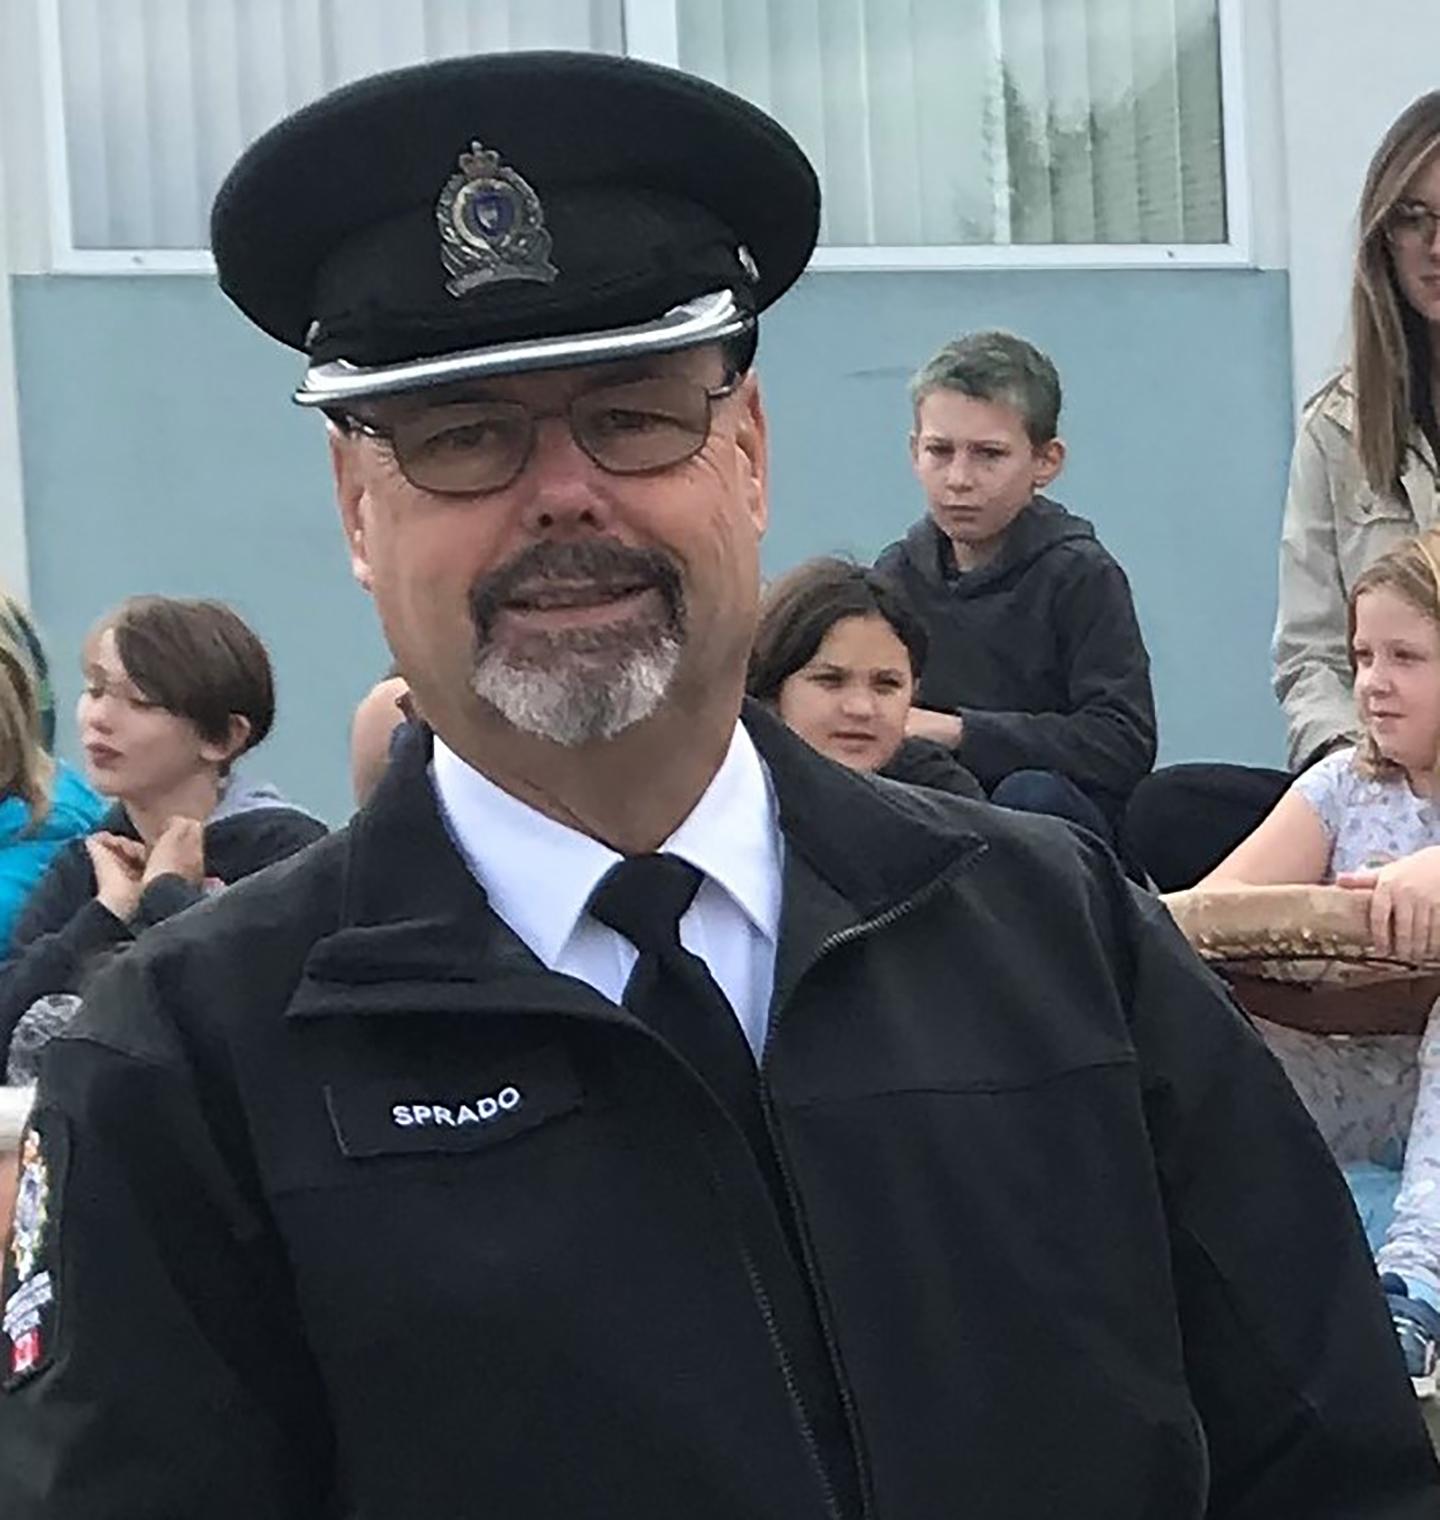 Inspector Tobe Sprado